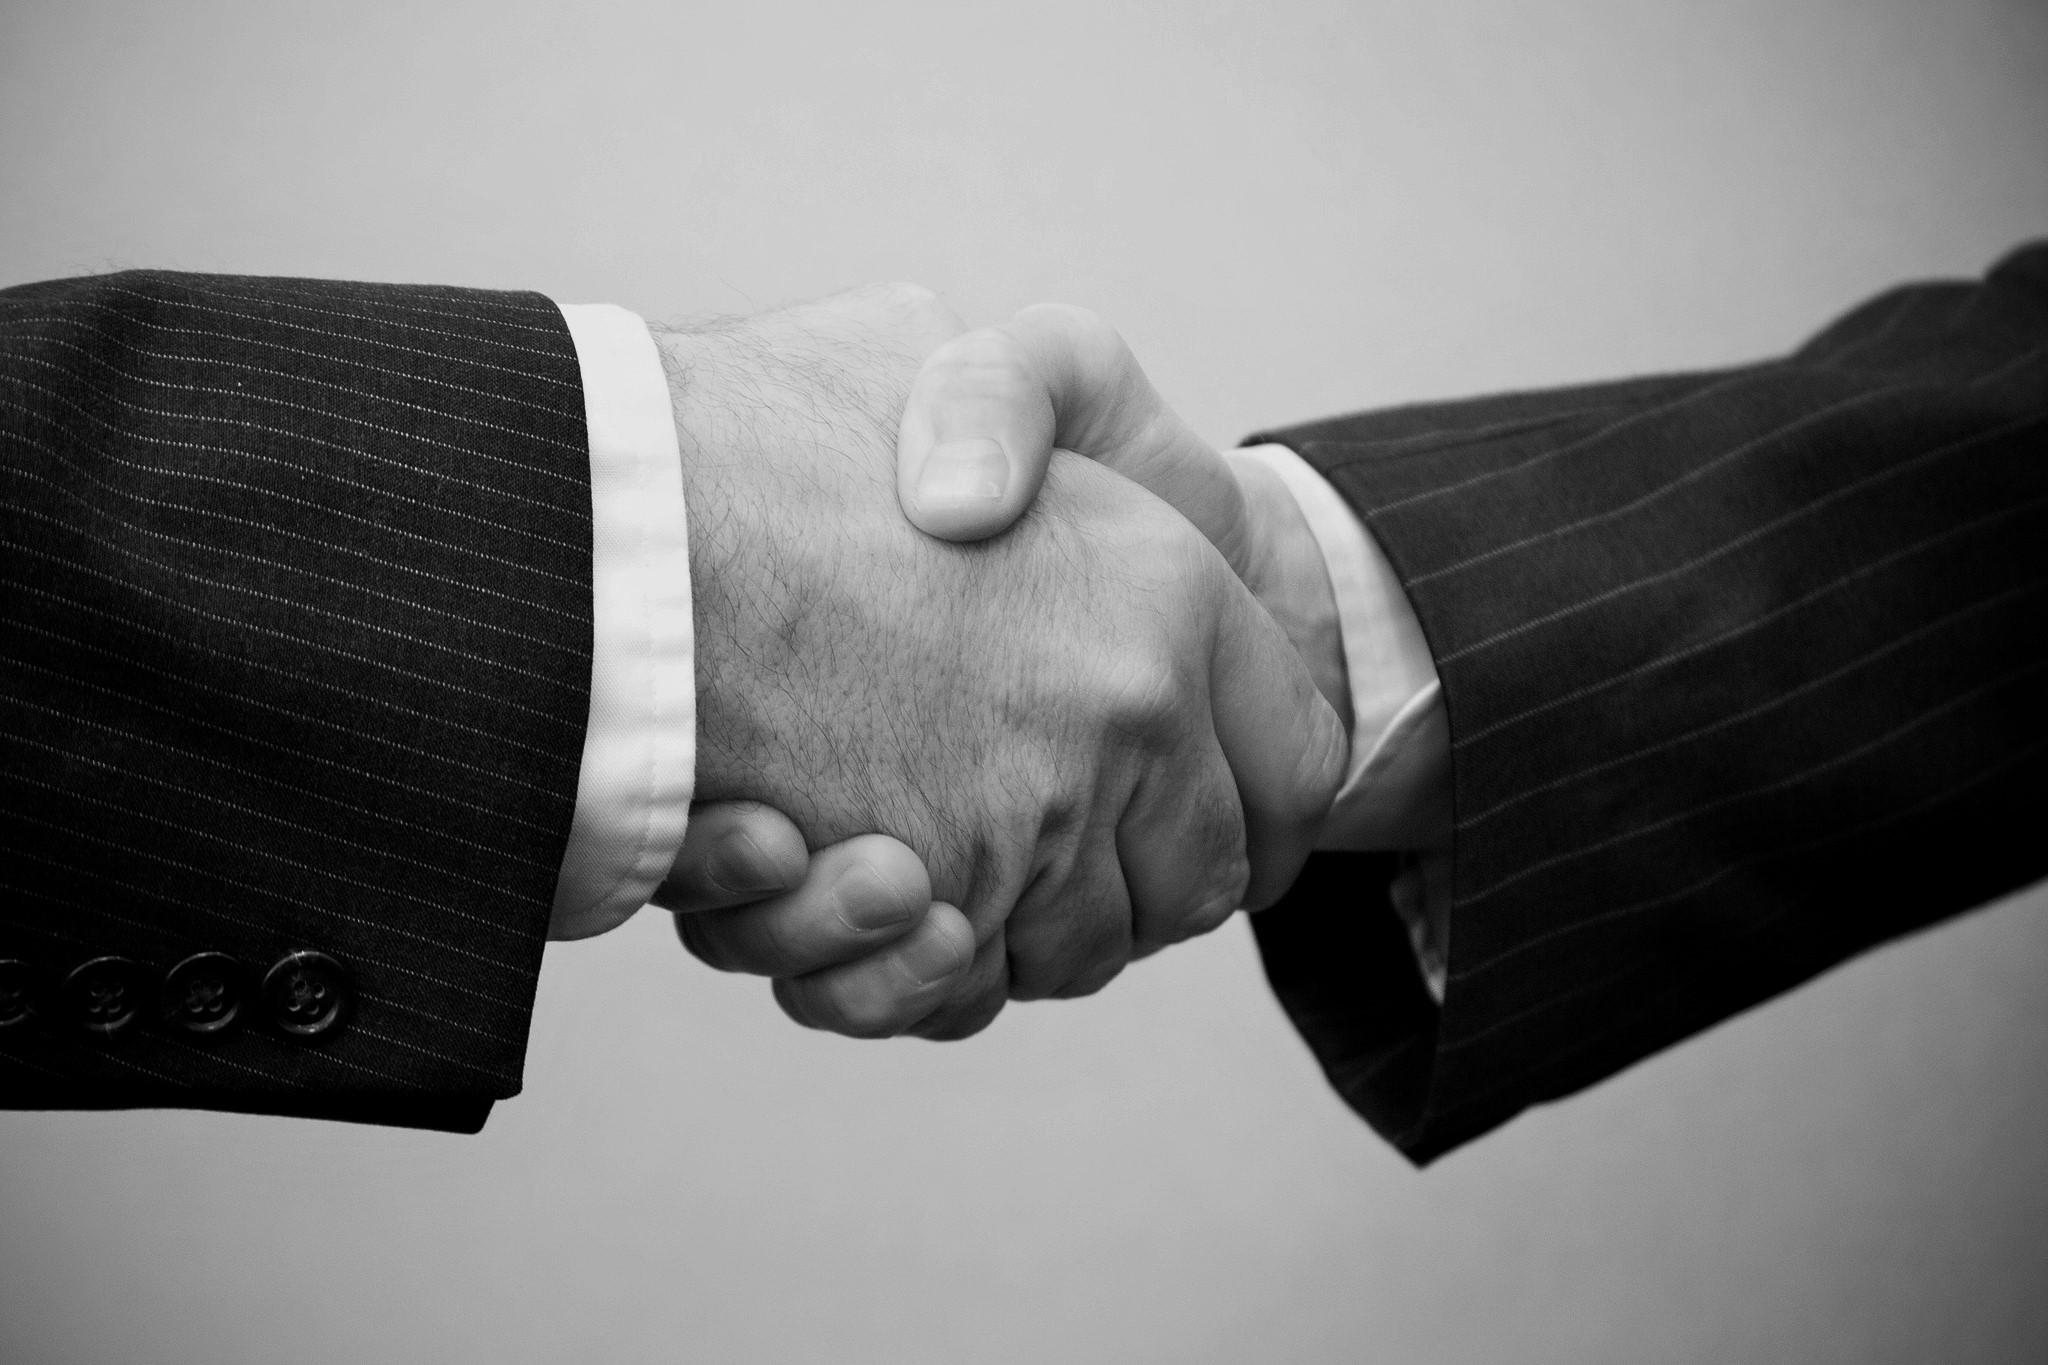 Quelle_Flickr_Flanzingo Photos_Handshake - 2 men_allgemein (2)